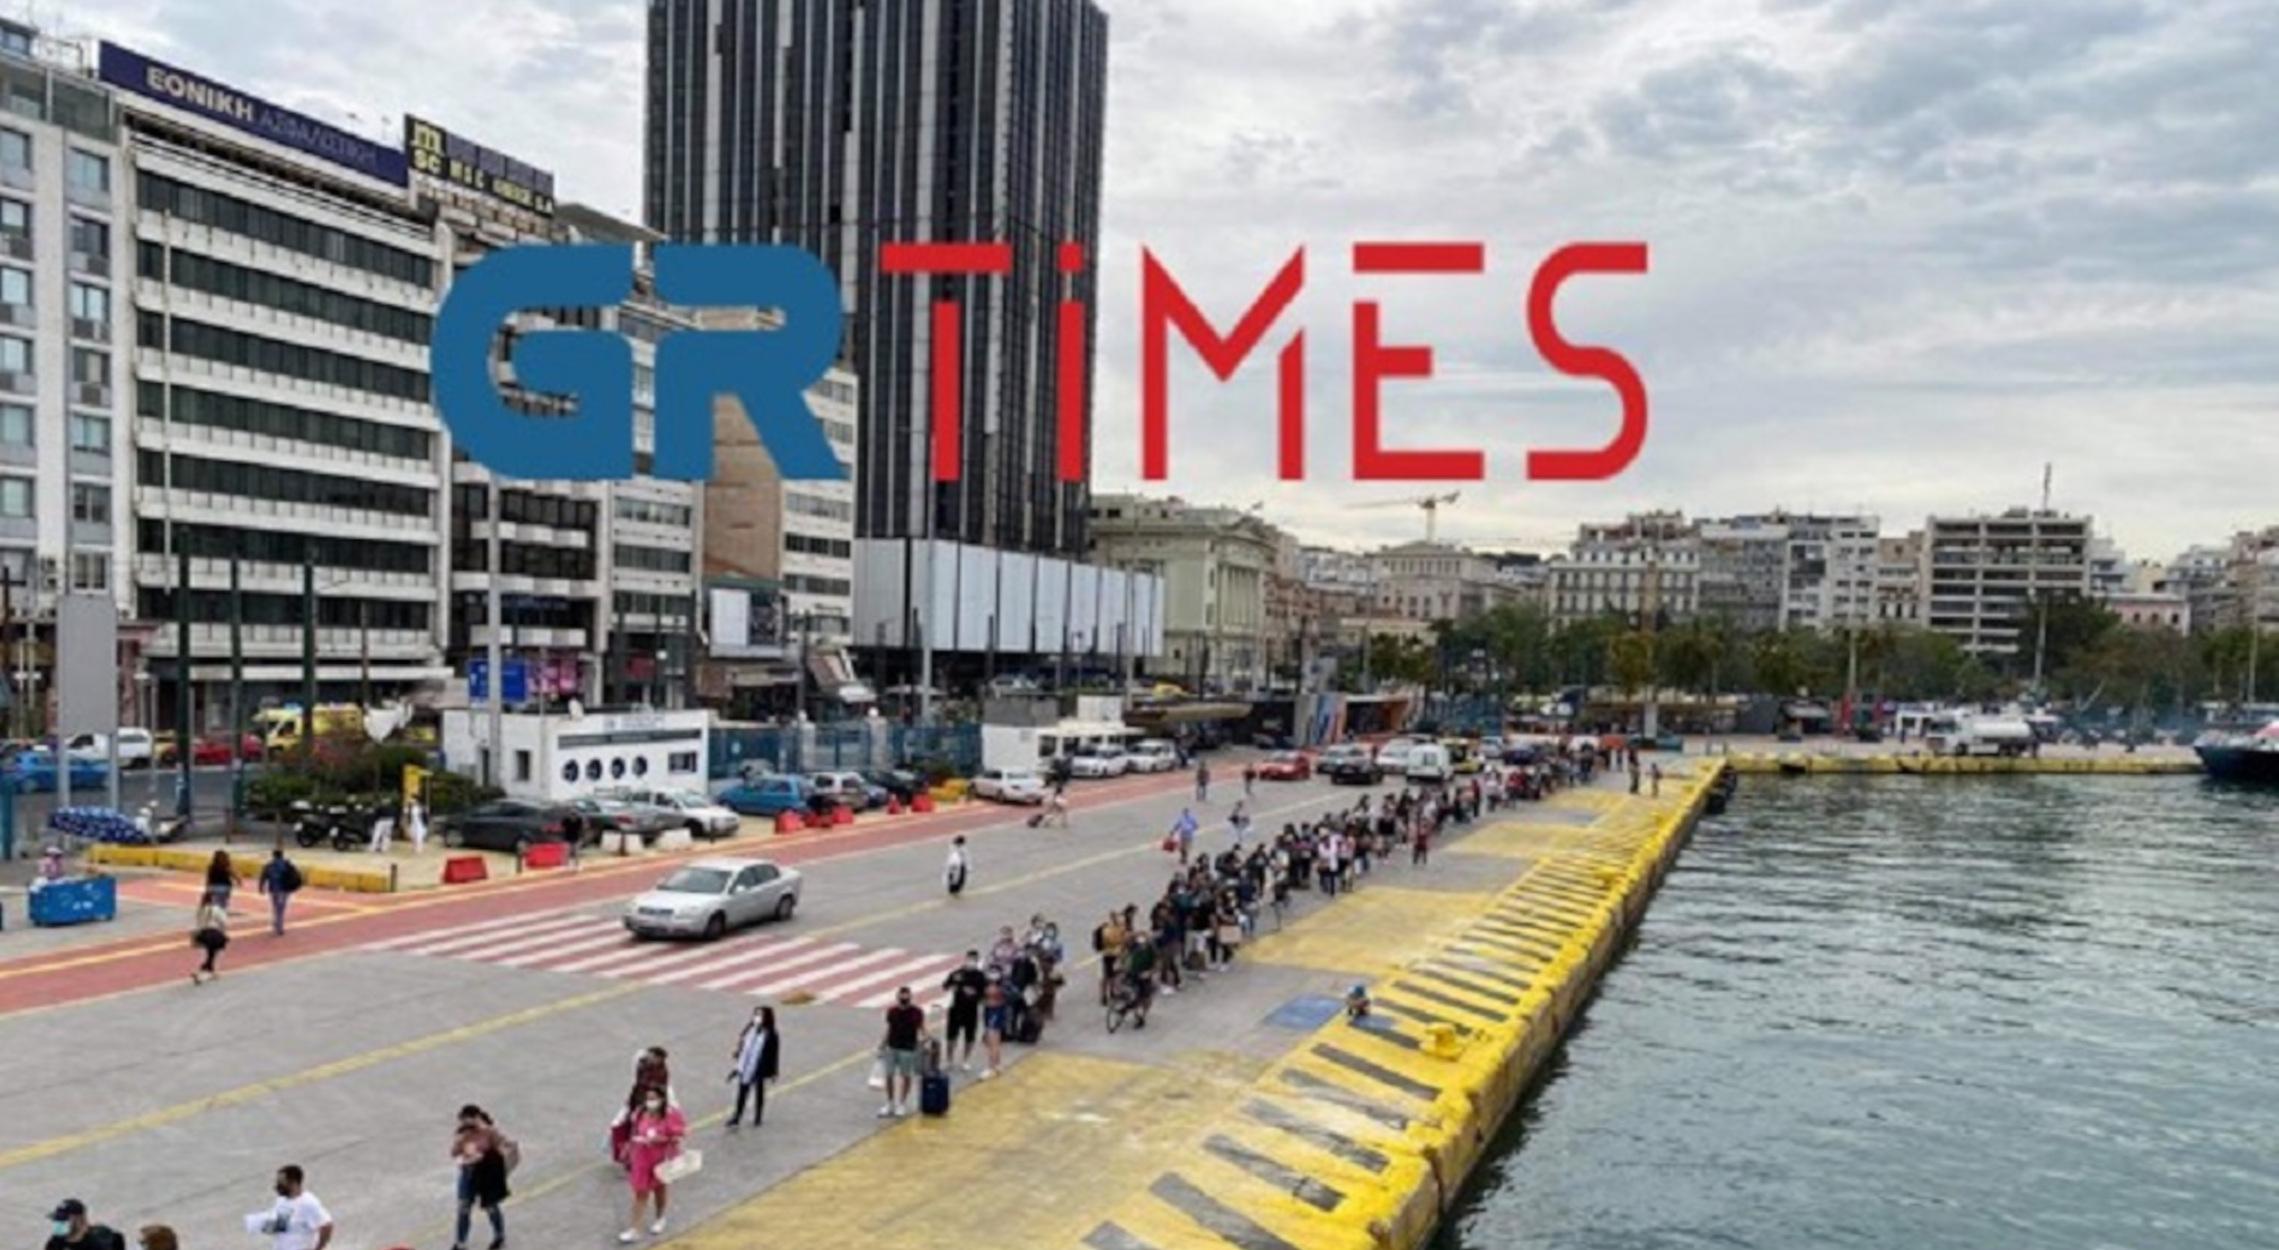 Χαμός στο λιμάνι του Πειραιά! Τεράστιες ουρές έξω από τα πλοία (pics, video)